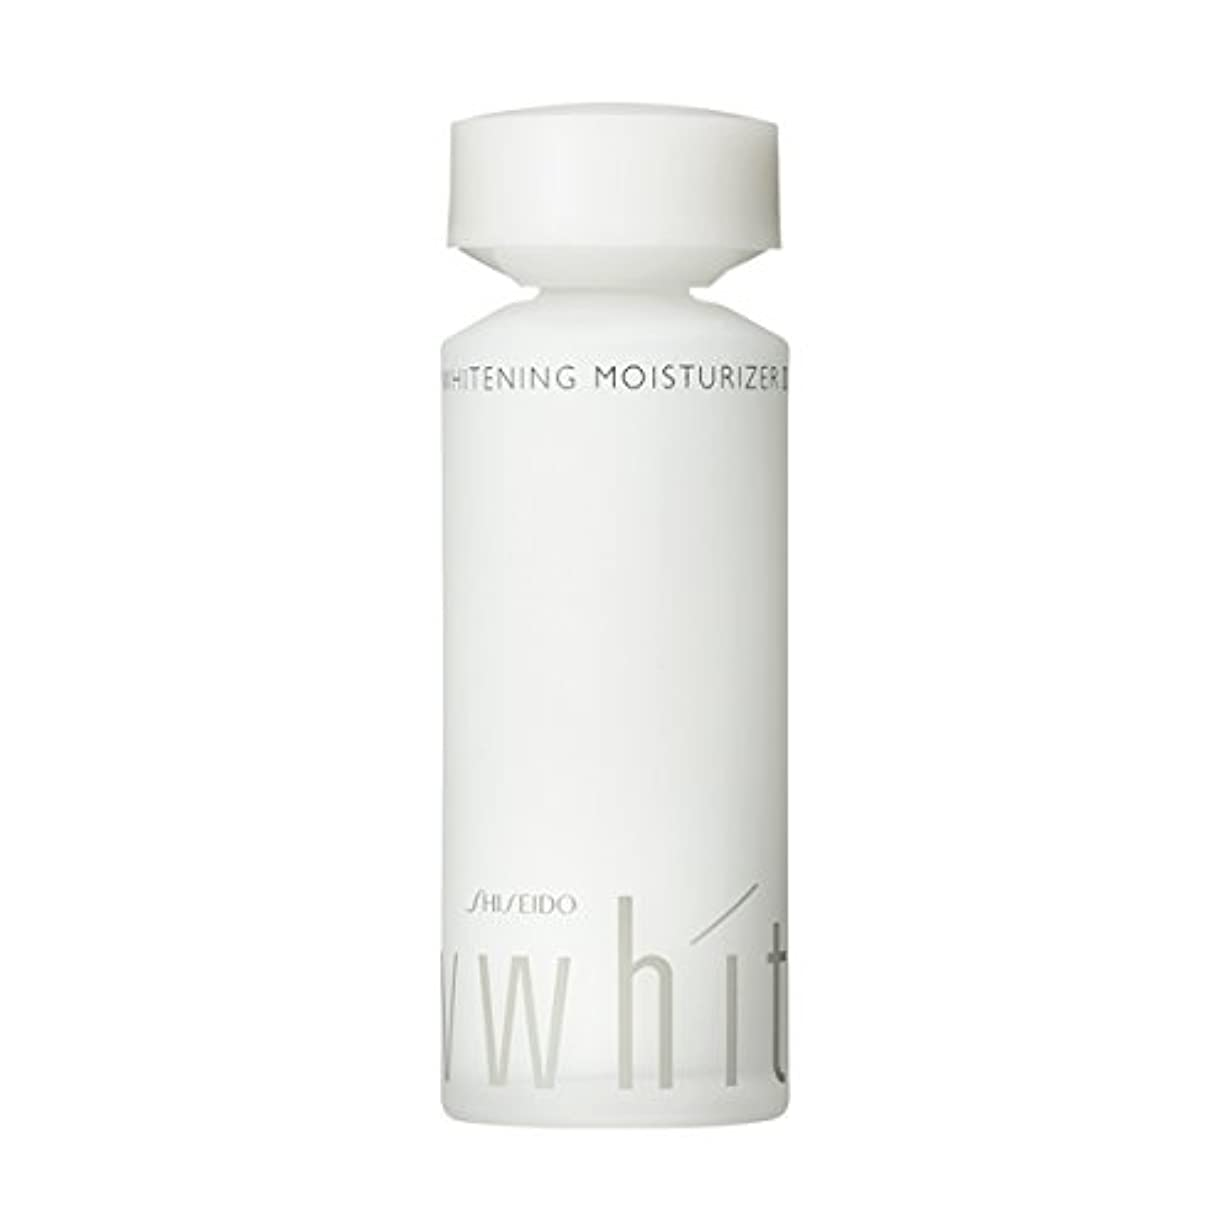 クリーナーインカ帝国パイプラインUVホワイト ホワイトニング モイスチャーライザー 2 100mL 【医薬部外品】